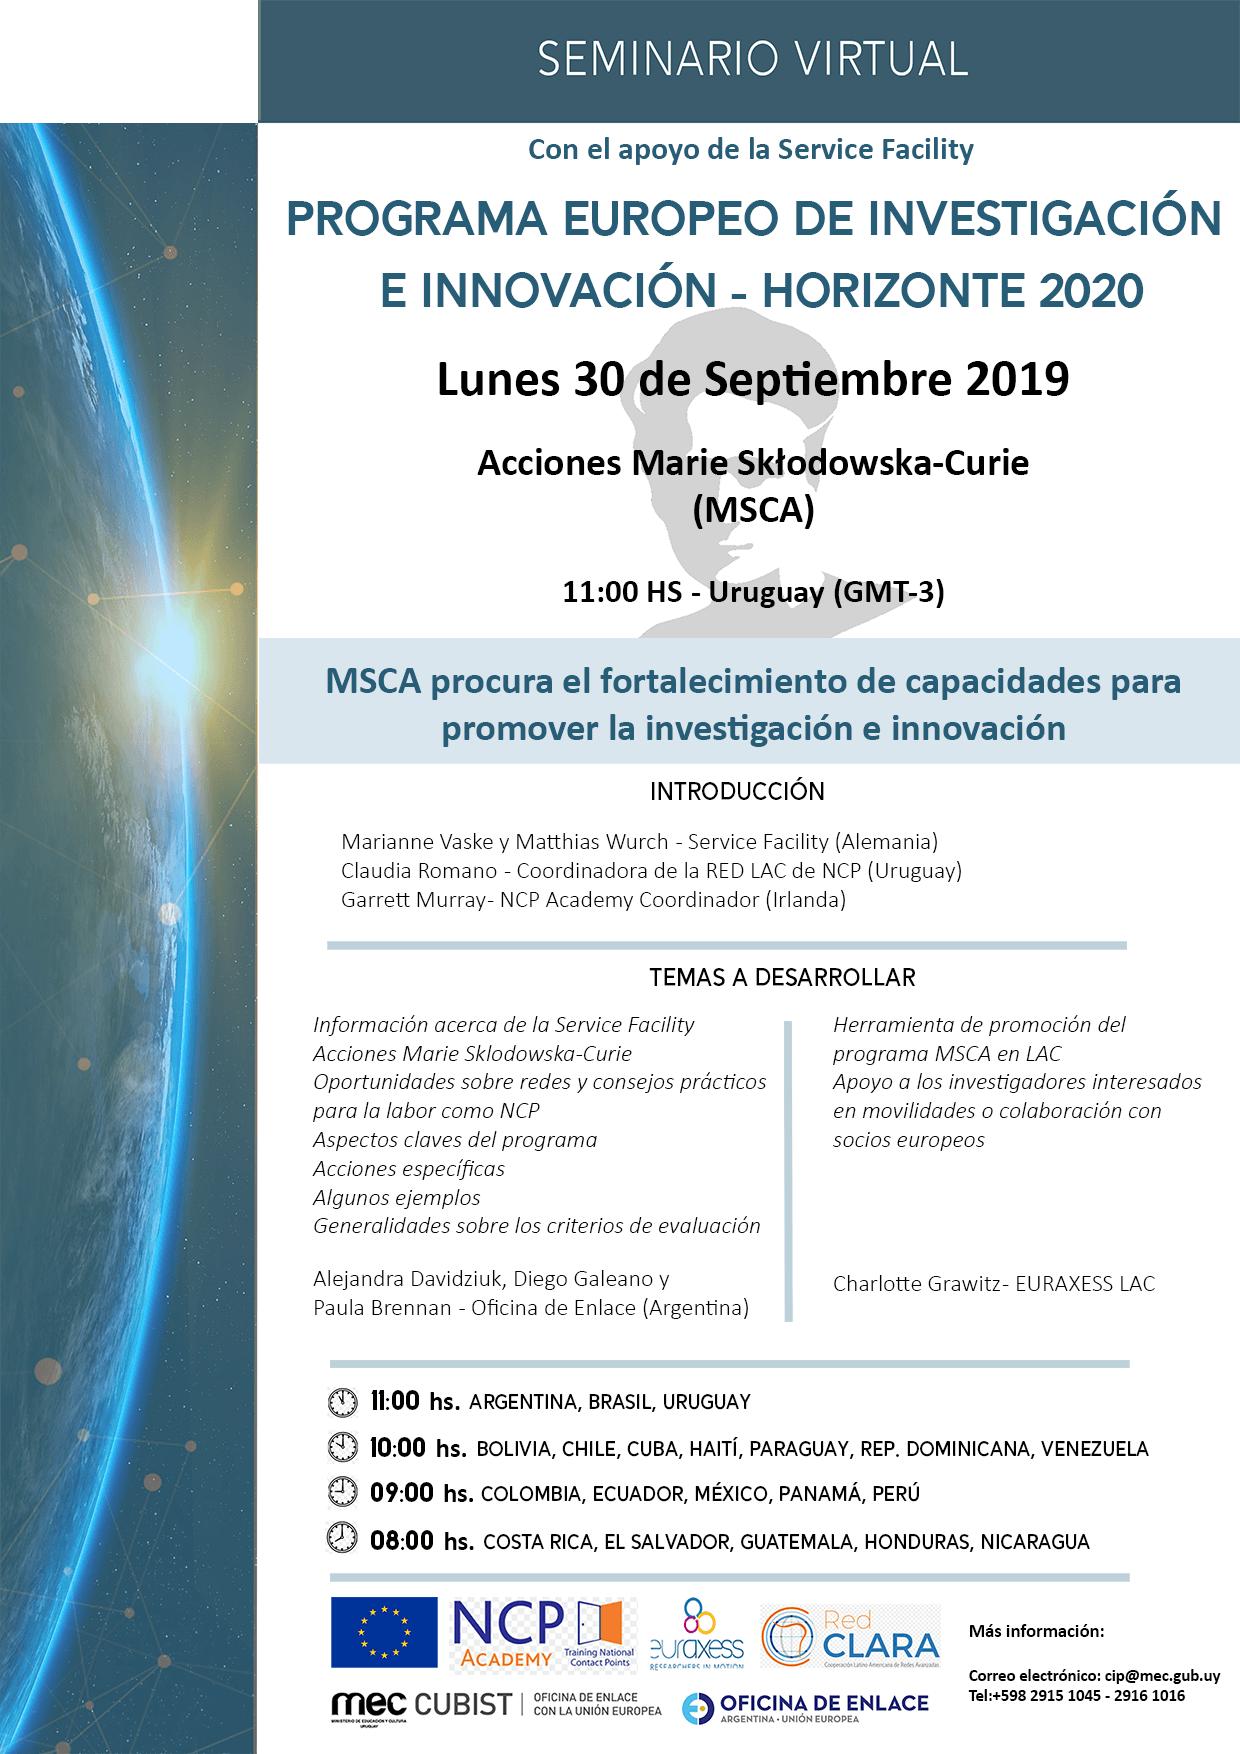 Seminario virtual sobre las acciones Marie-Sklodowska Curie (MSCA) del programa Horizonte 2020